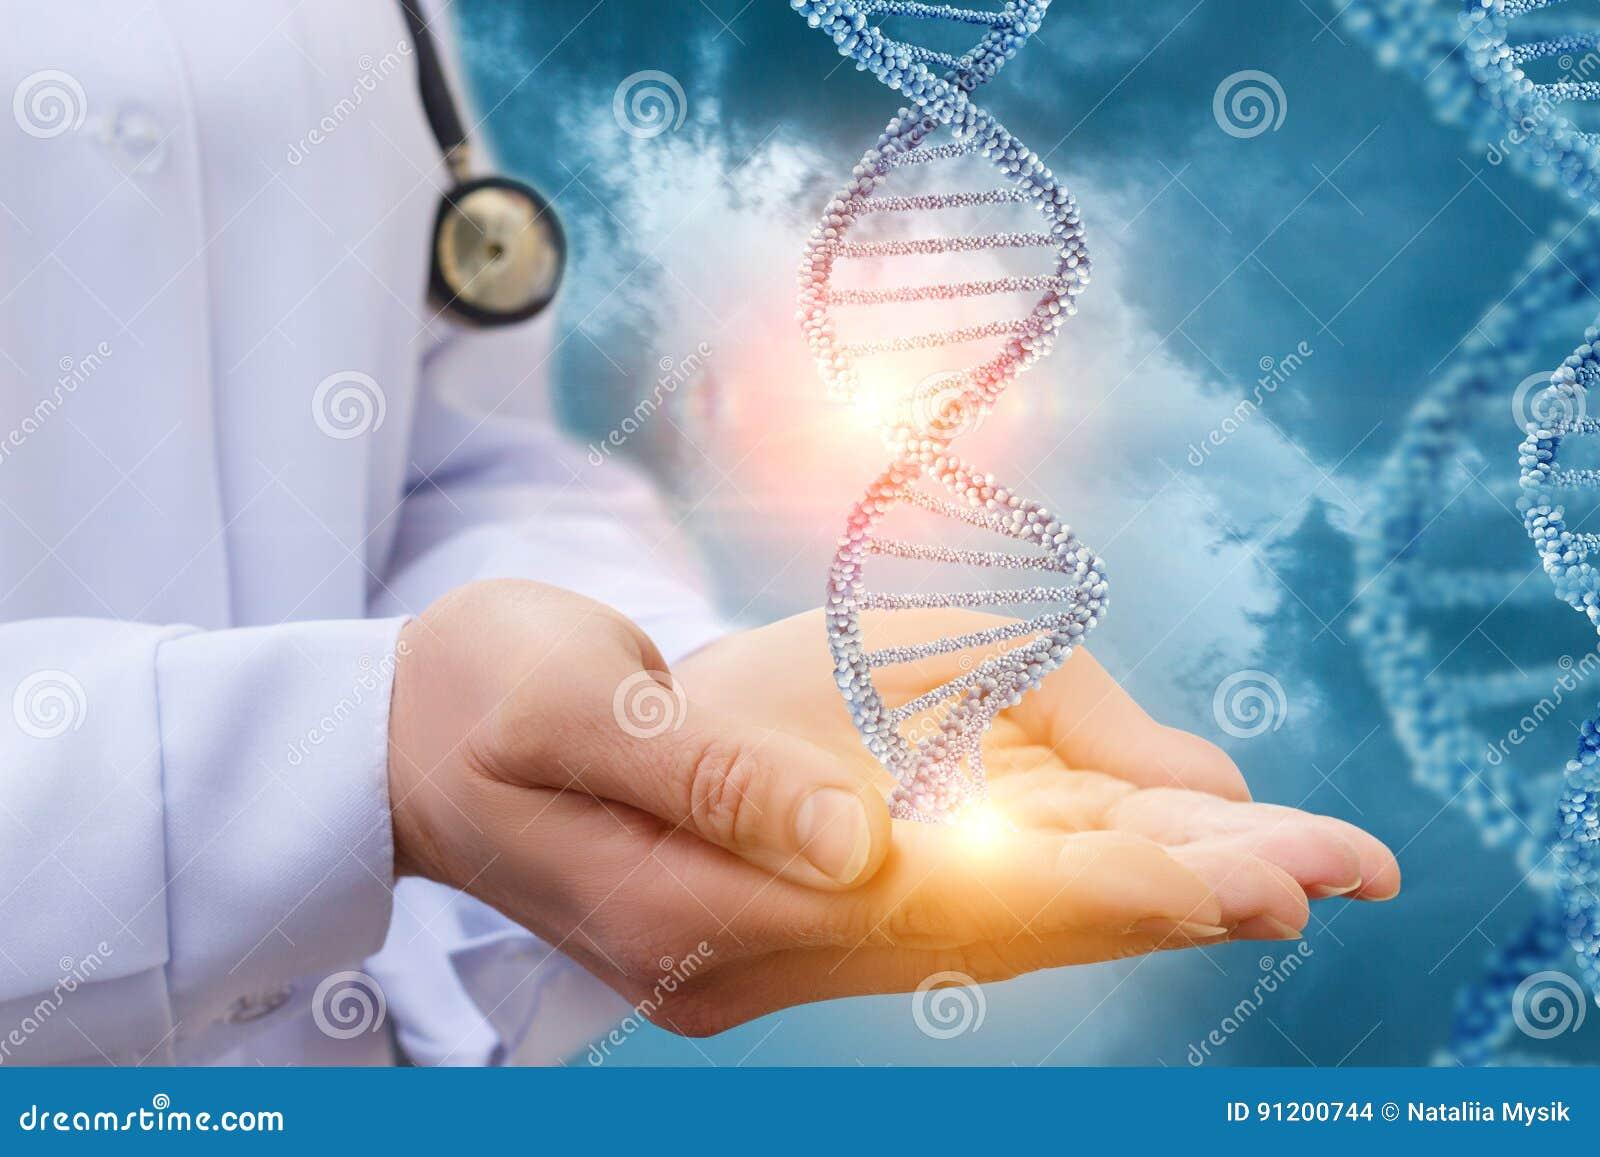 DNA i händerna av en doktor